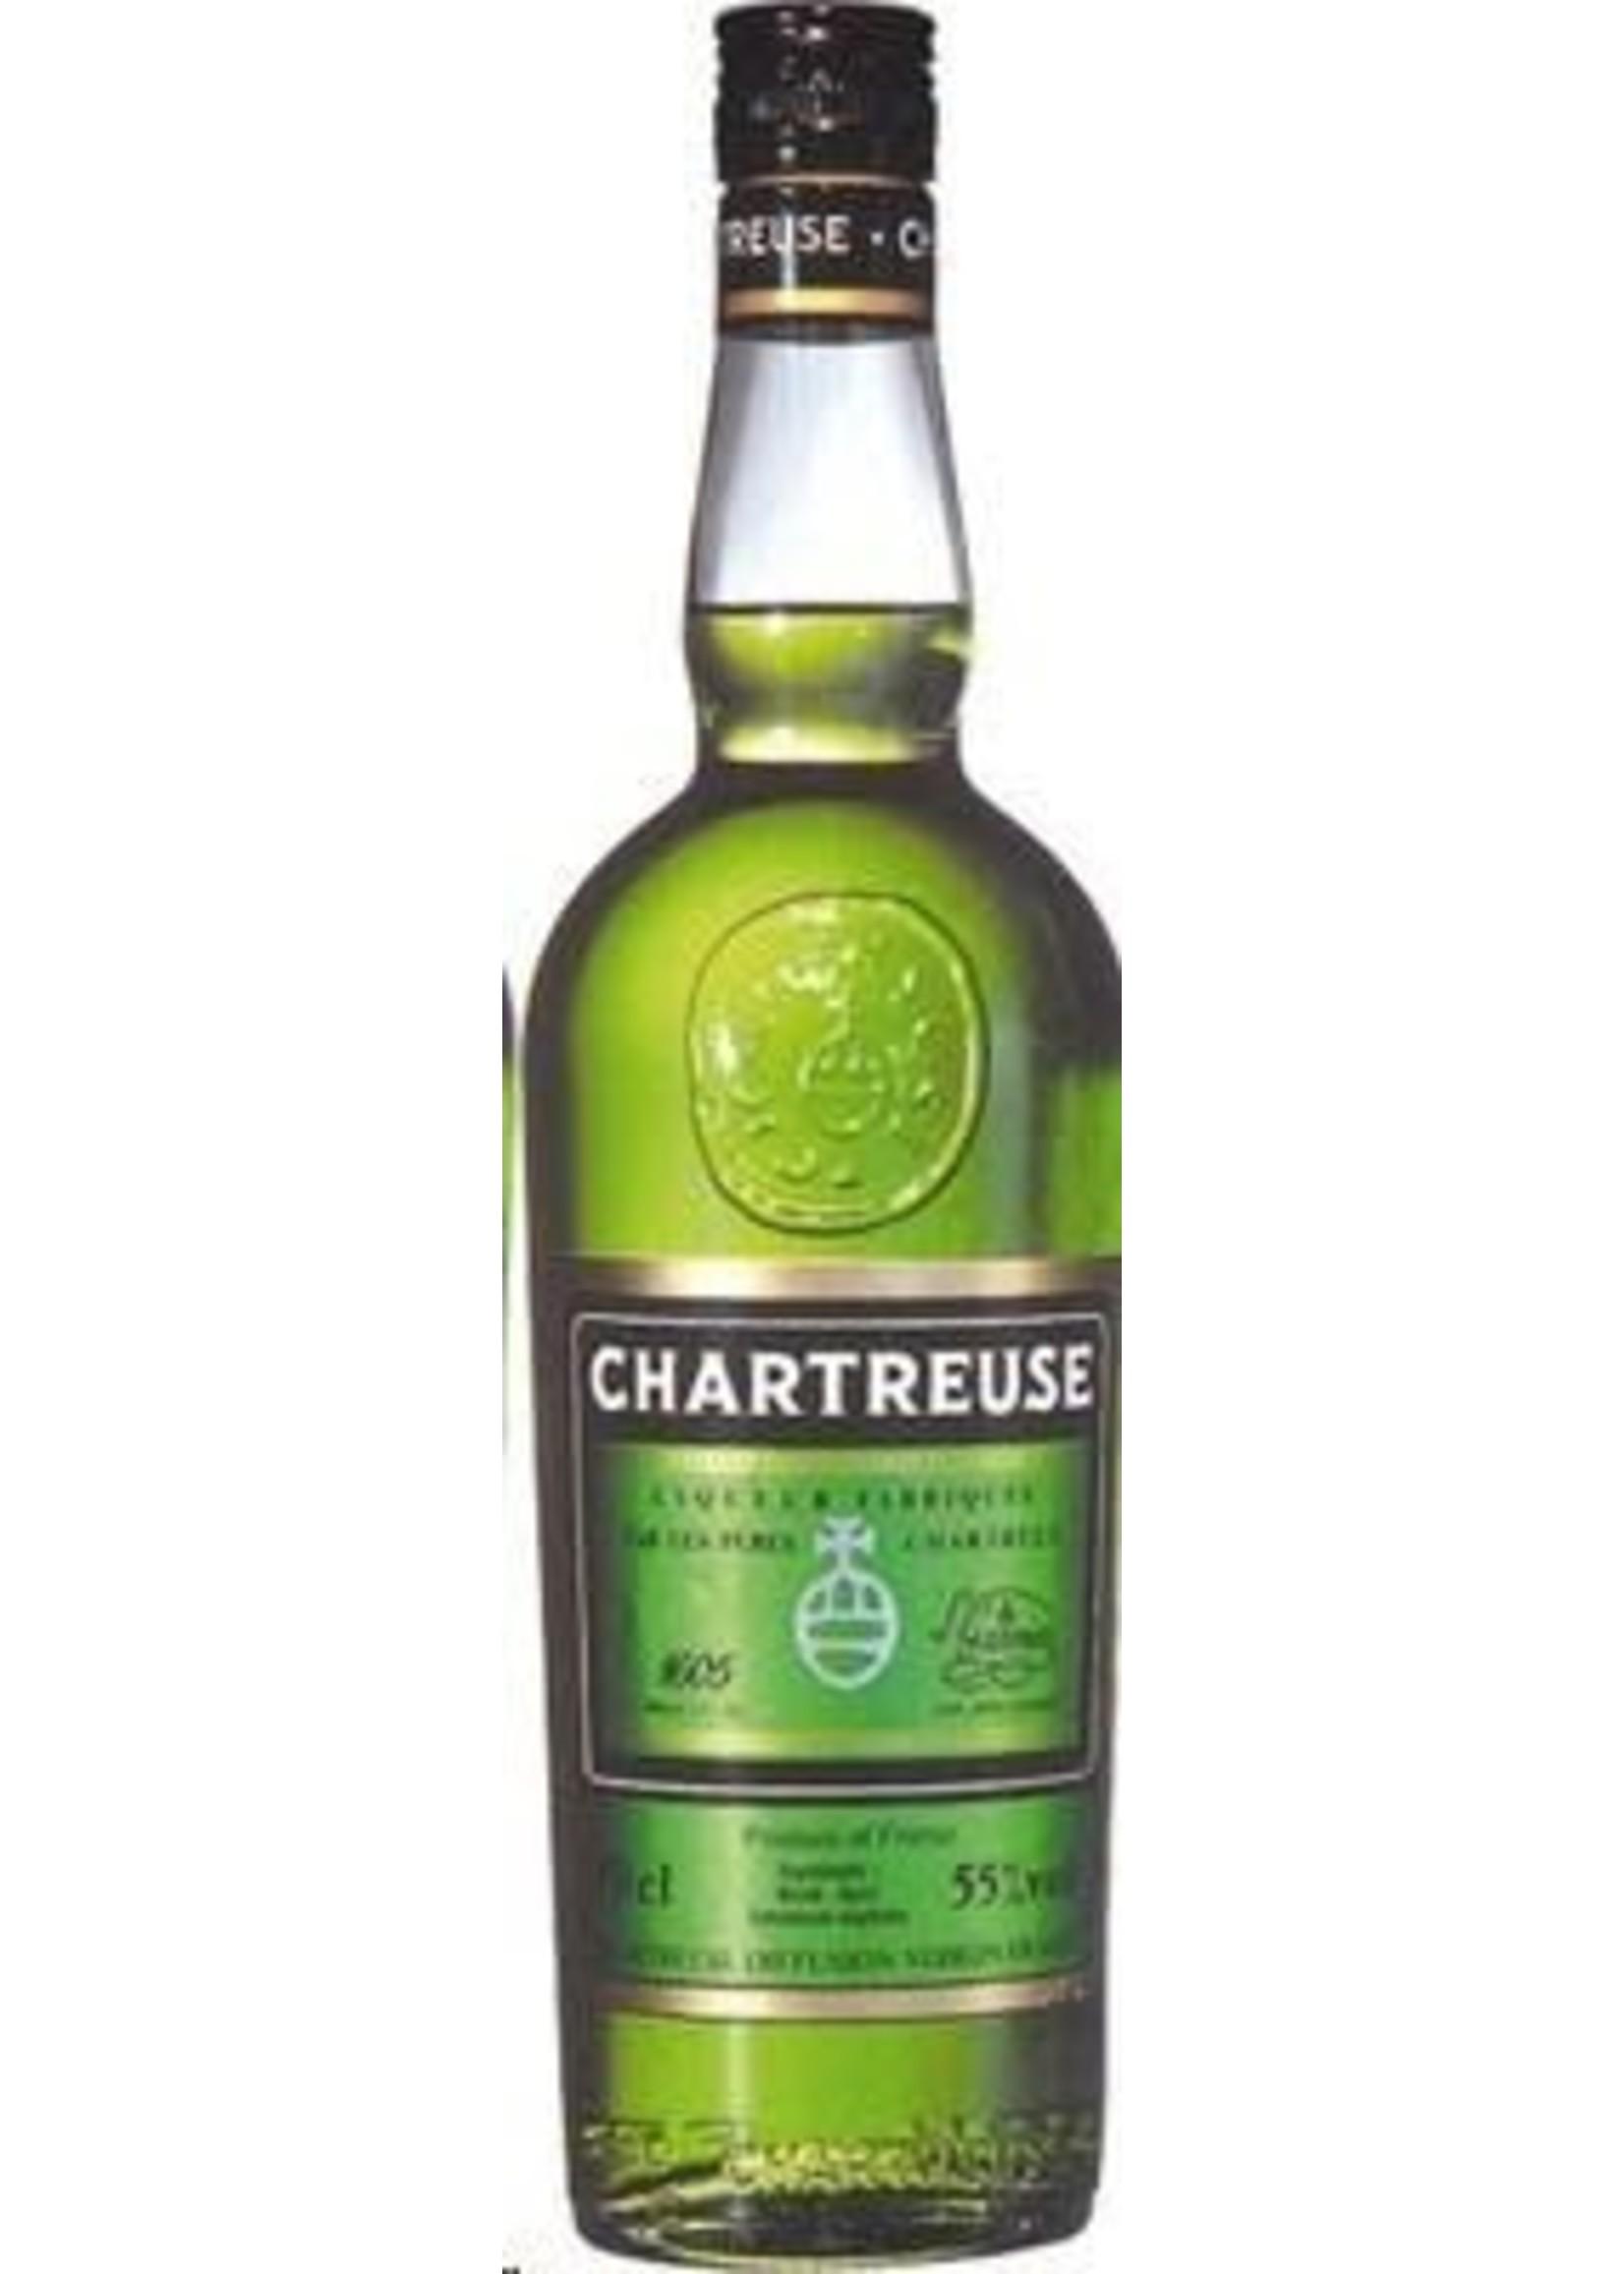 Chartreuse Chartreuse / Green Liqueur / 750mL